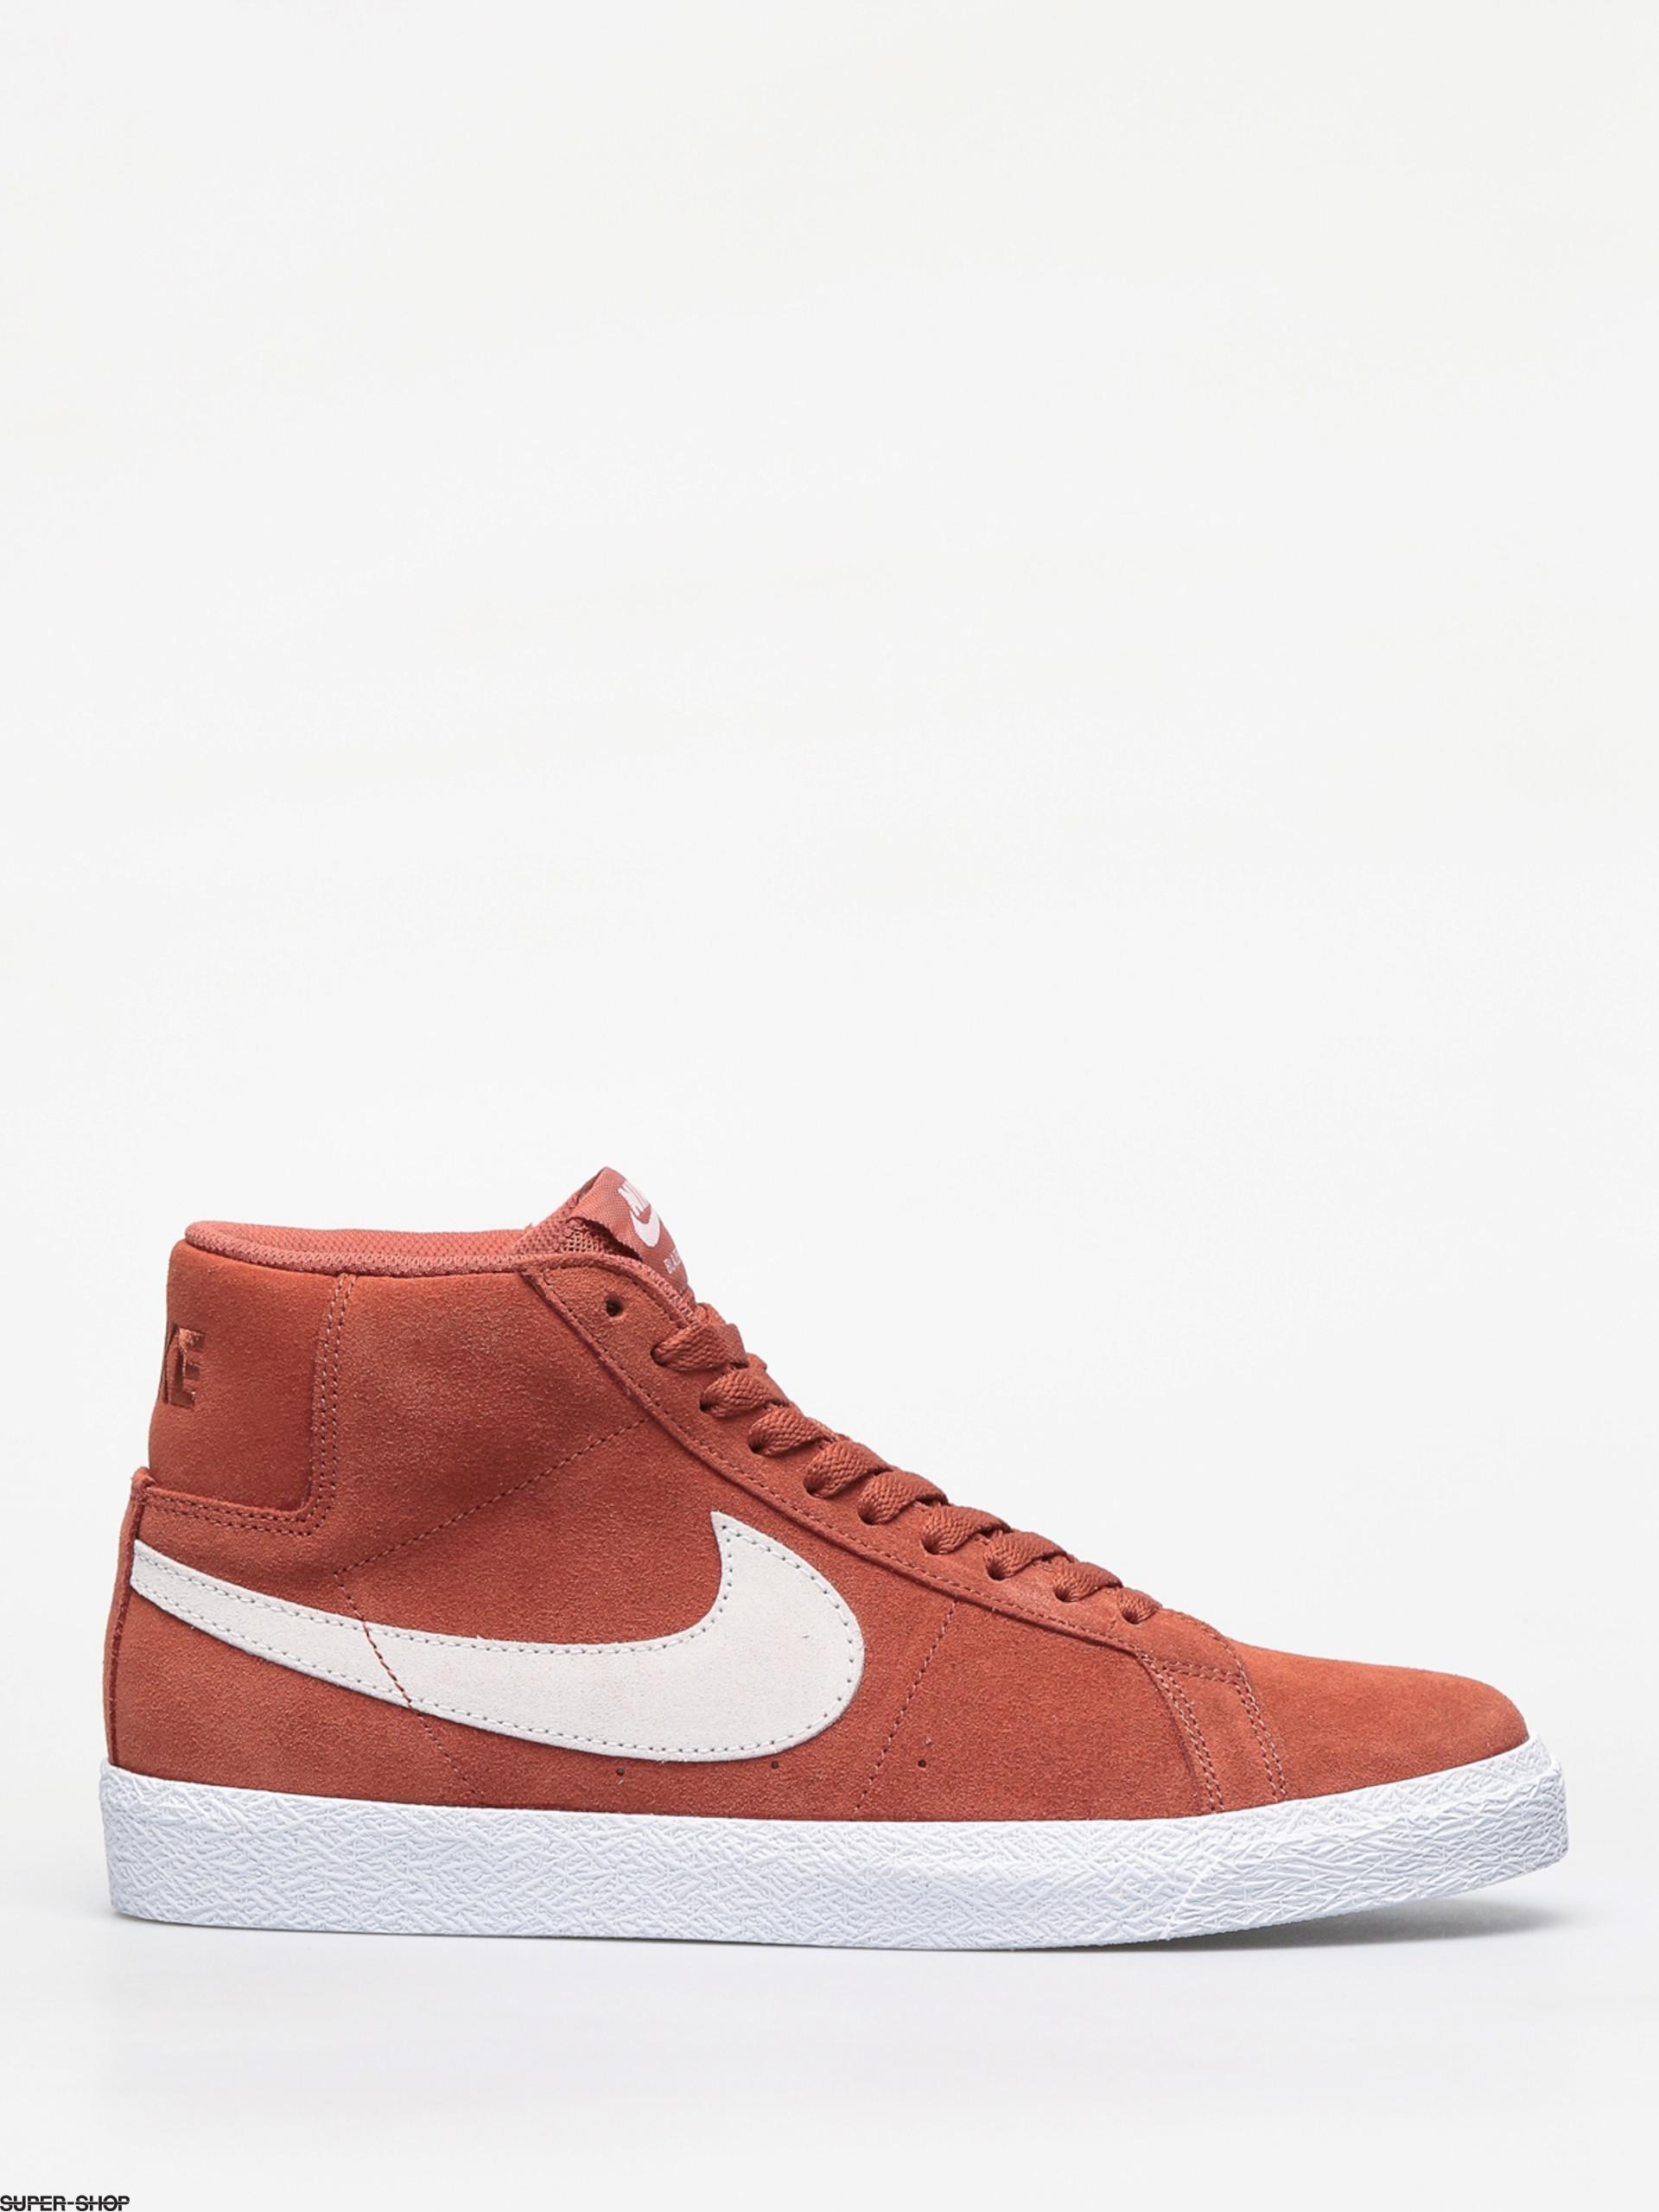 Nike SB Blazer Mid Shoes Dusty Peach